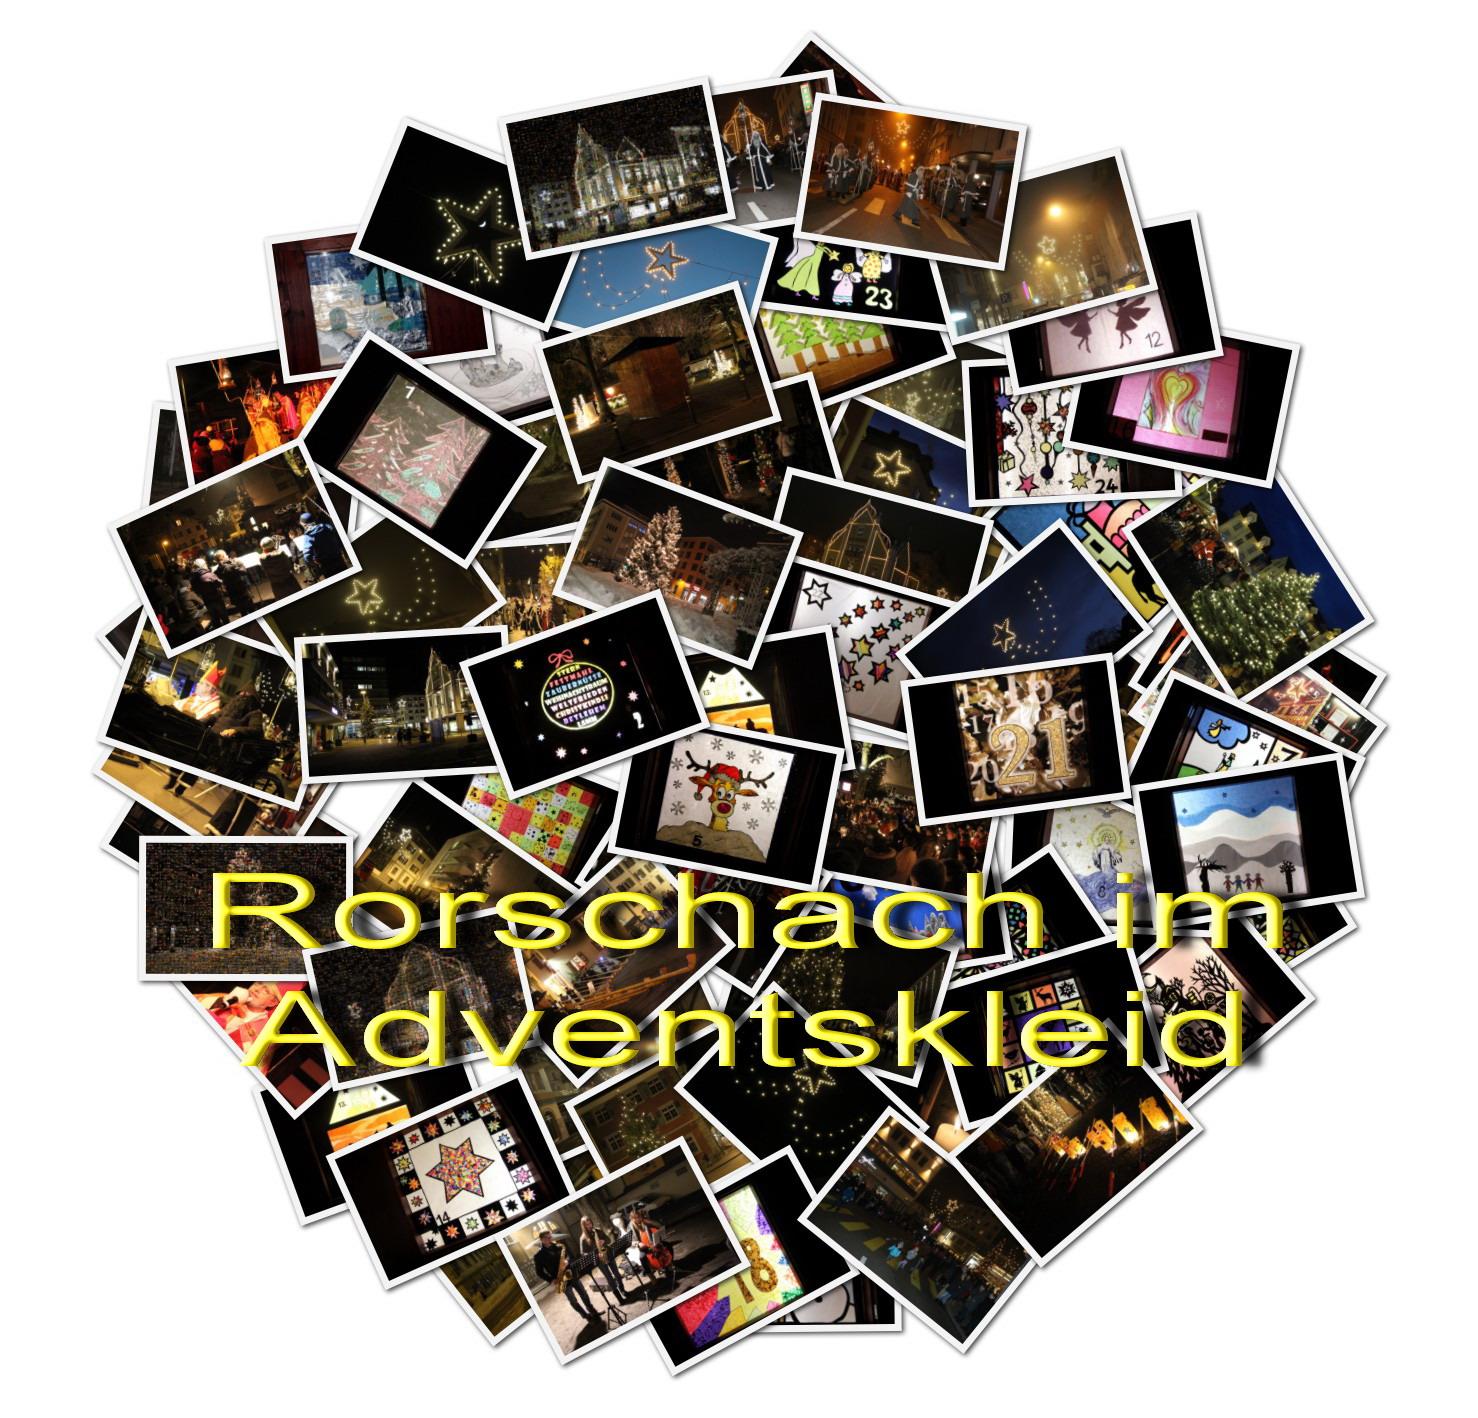 17-adventsgruesse-aus-rorschach-3